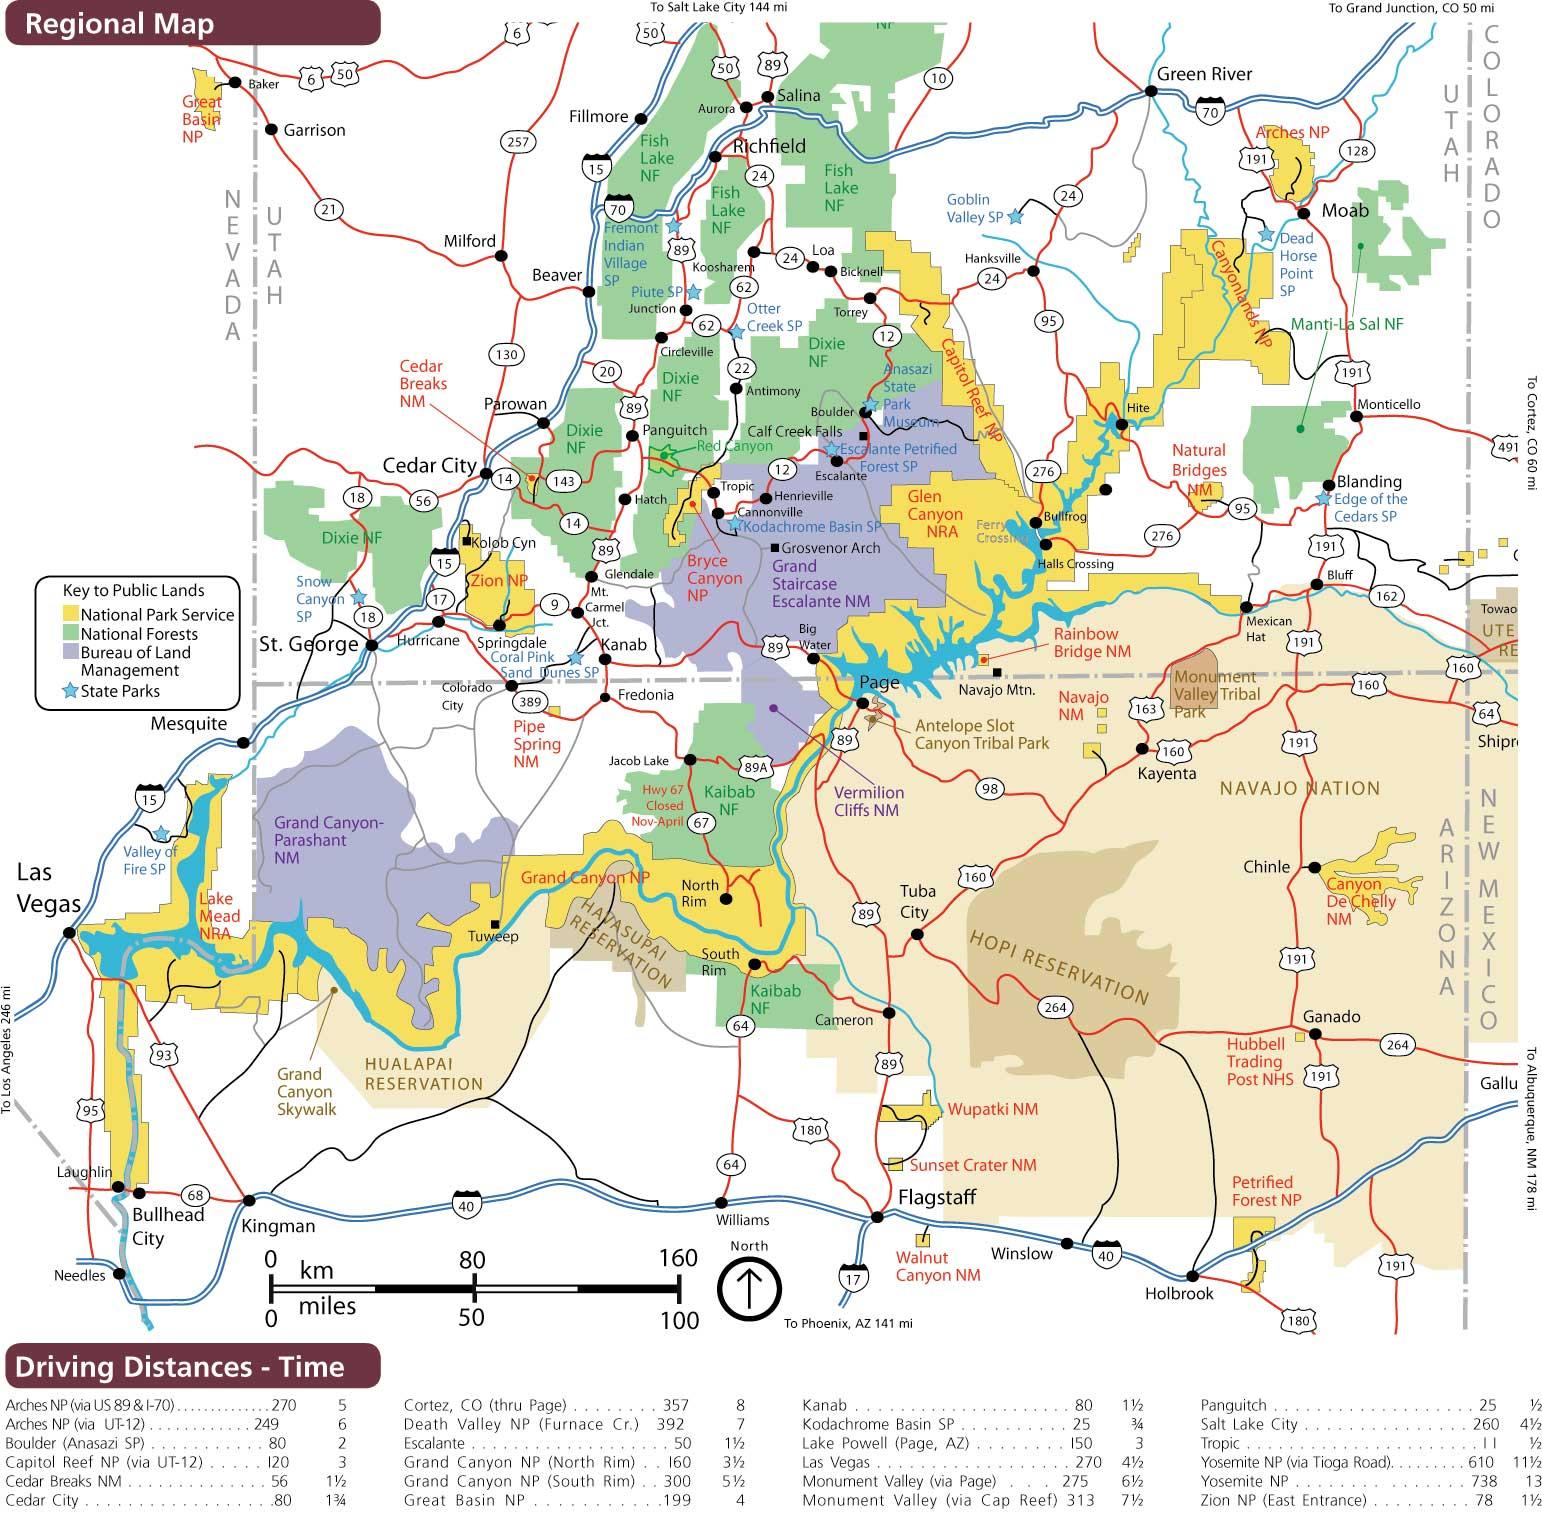 брайс каньон на карте